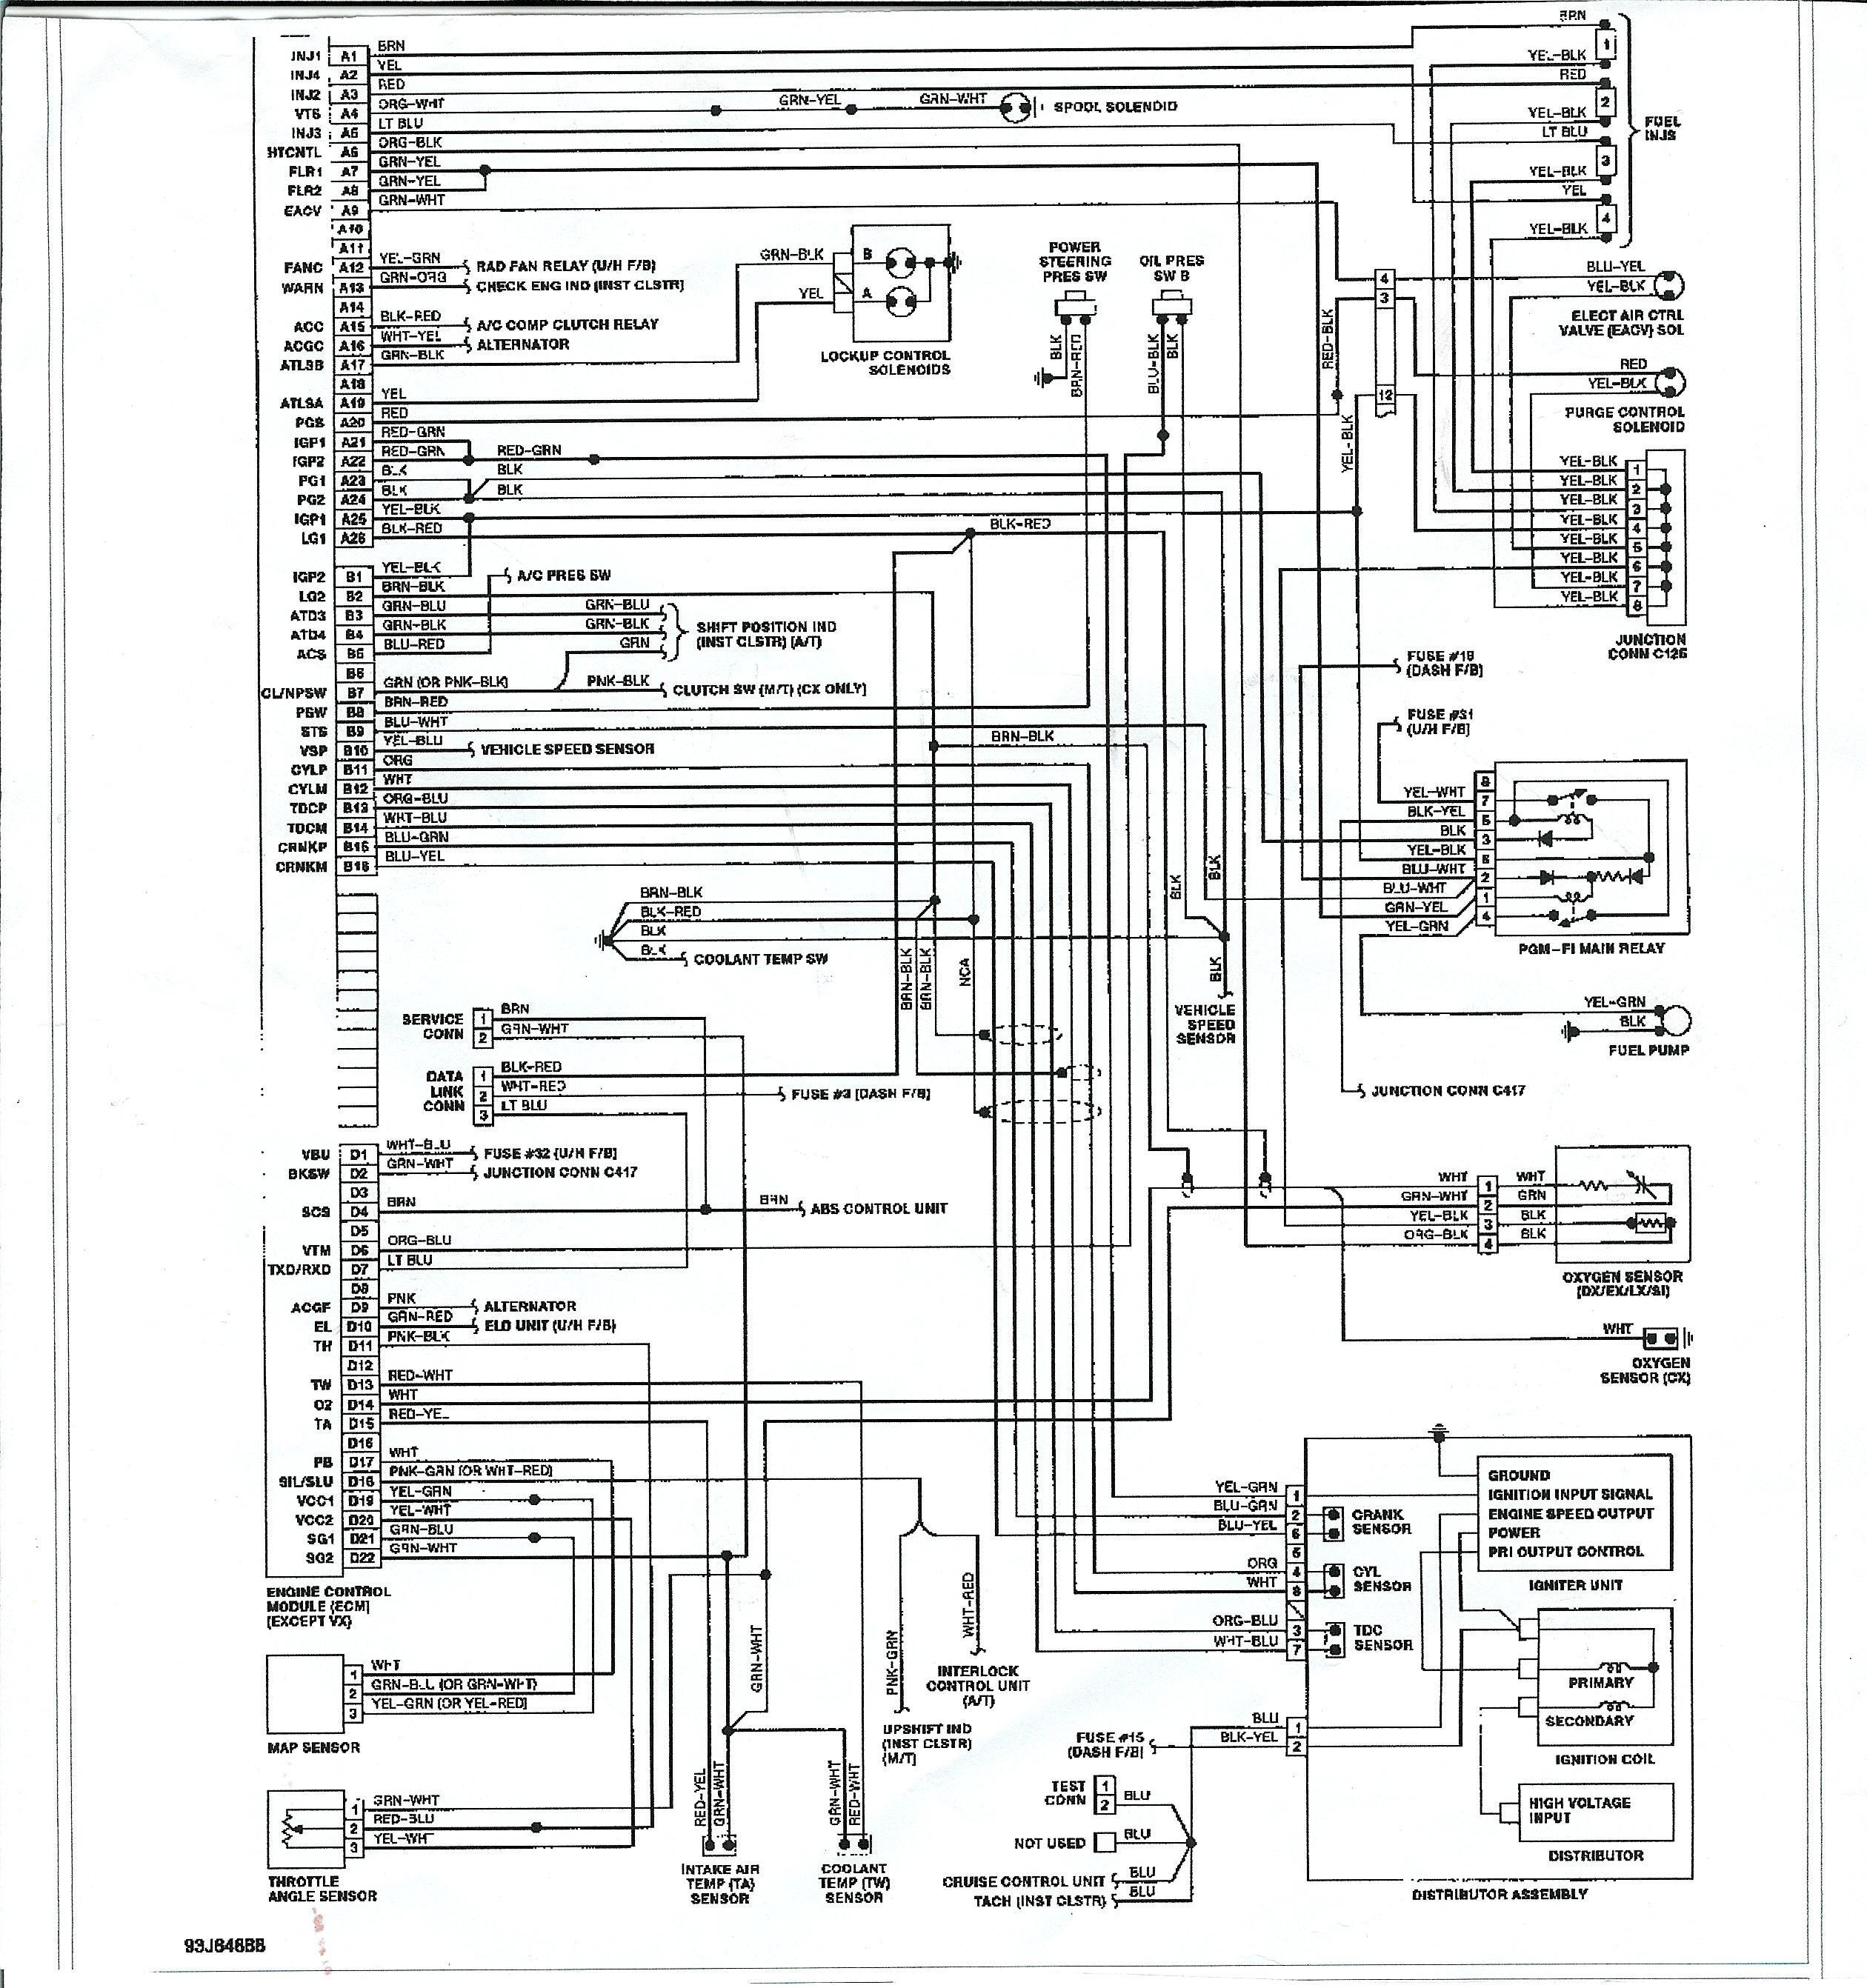 1998 Honda Civic Ex Wiring Diagram from detoxicrecenze.com